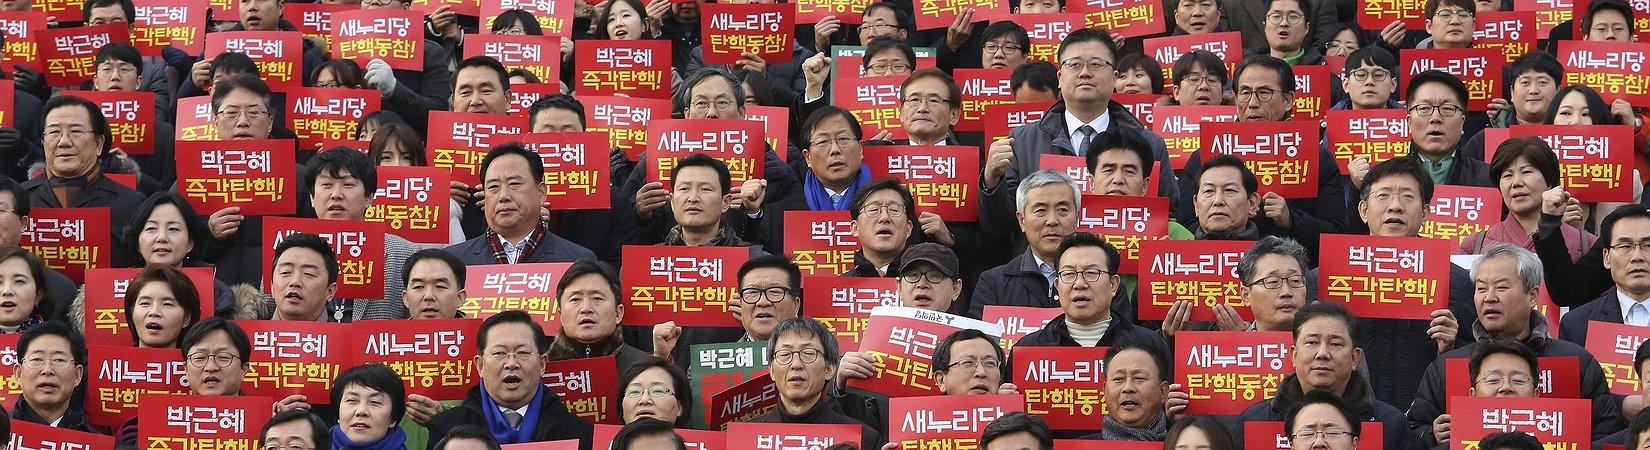 El Parlamento de Corea del Sur aprueba el juicio político contra Park Geun-hye